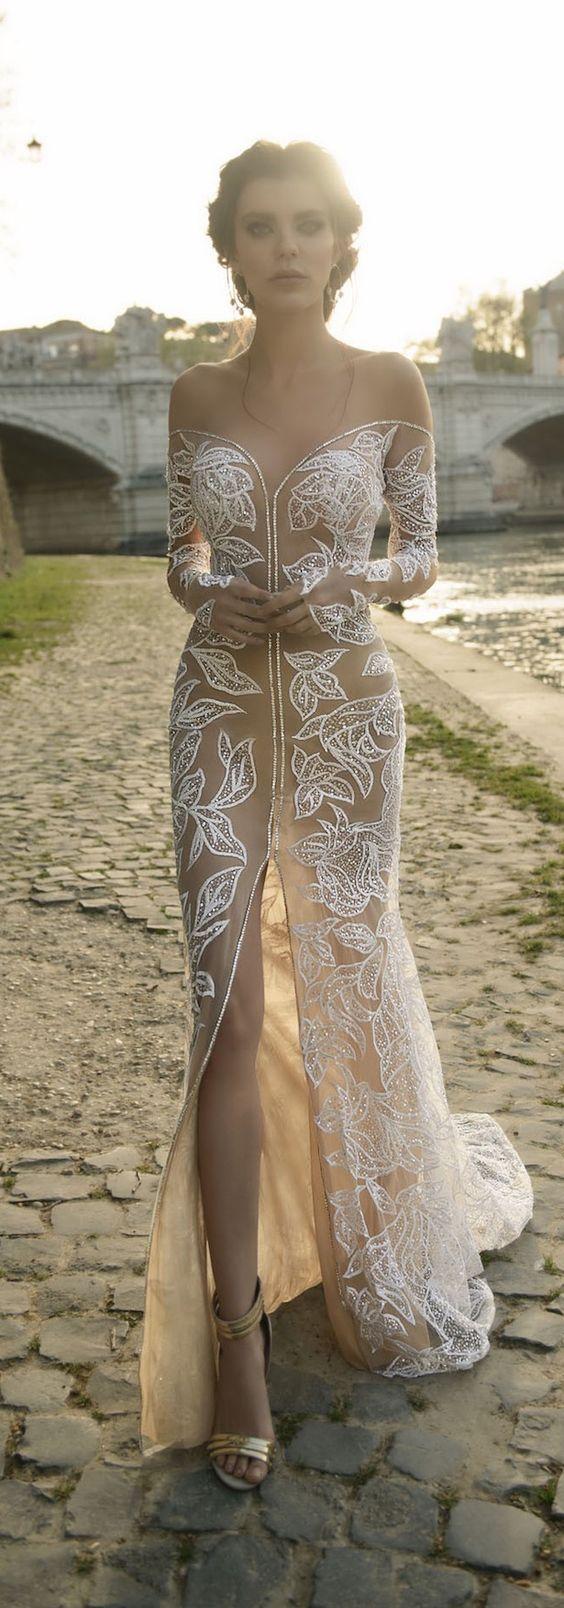 Lace Skin Dress